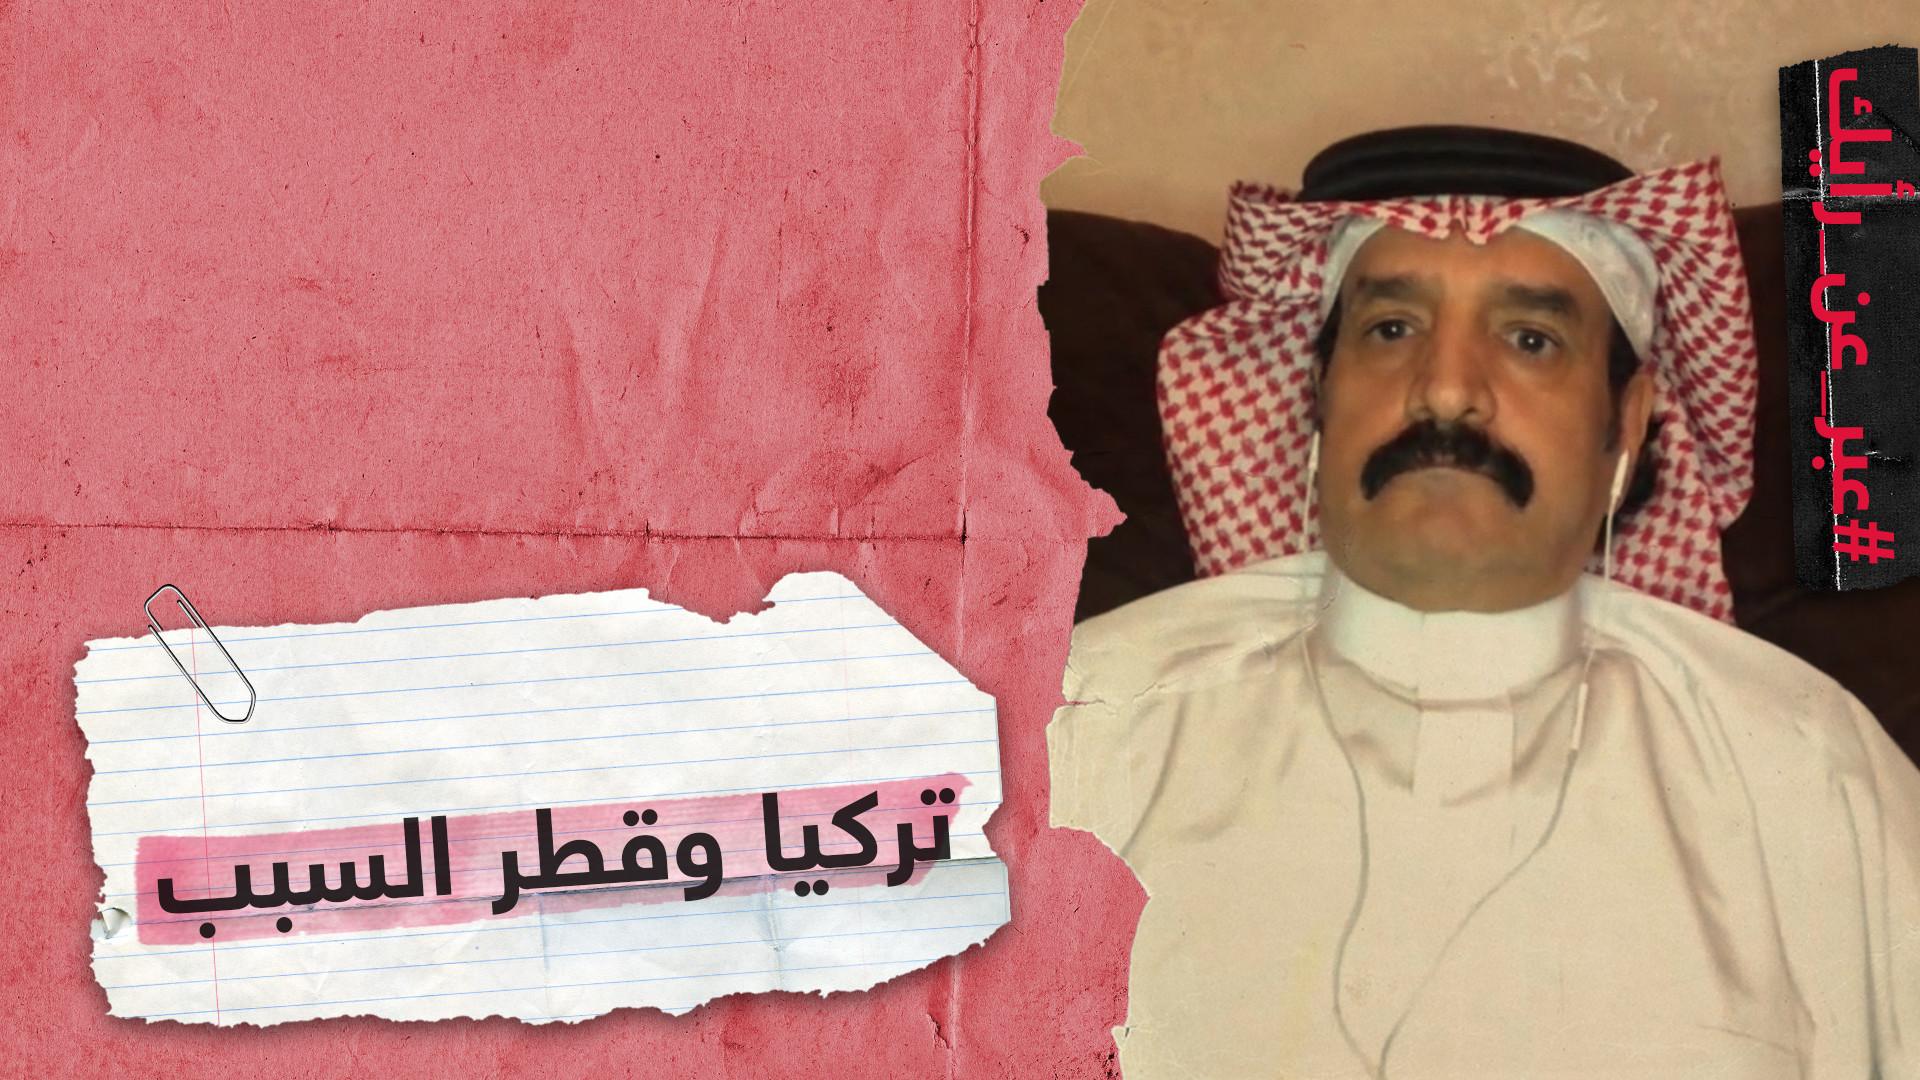 """""""لا أشك أنه مدعوم من قطر وجاء من المطارات التركية"""".. محلل سعودي يتحدث عن المدون الذي زار إسرائيل!"""